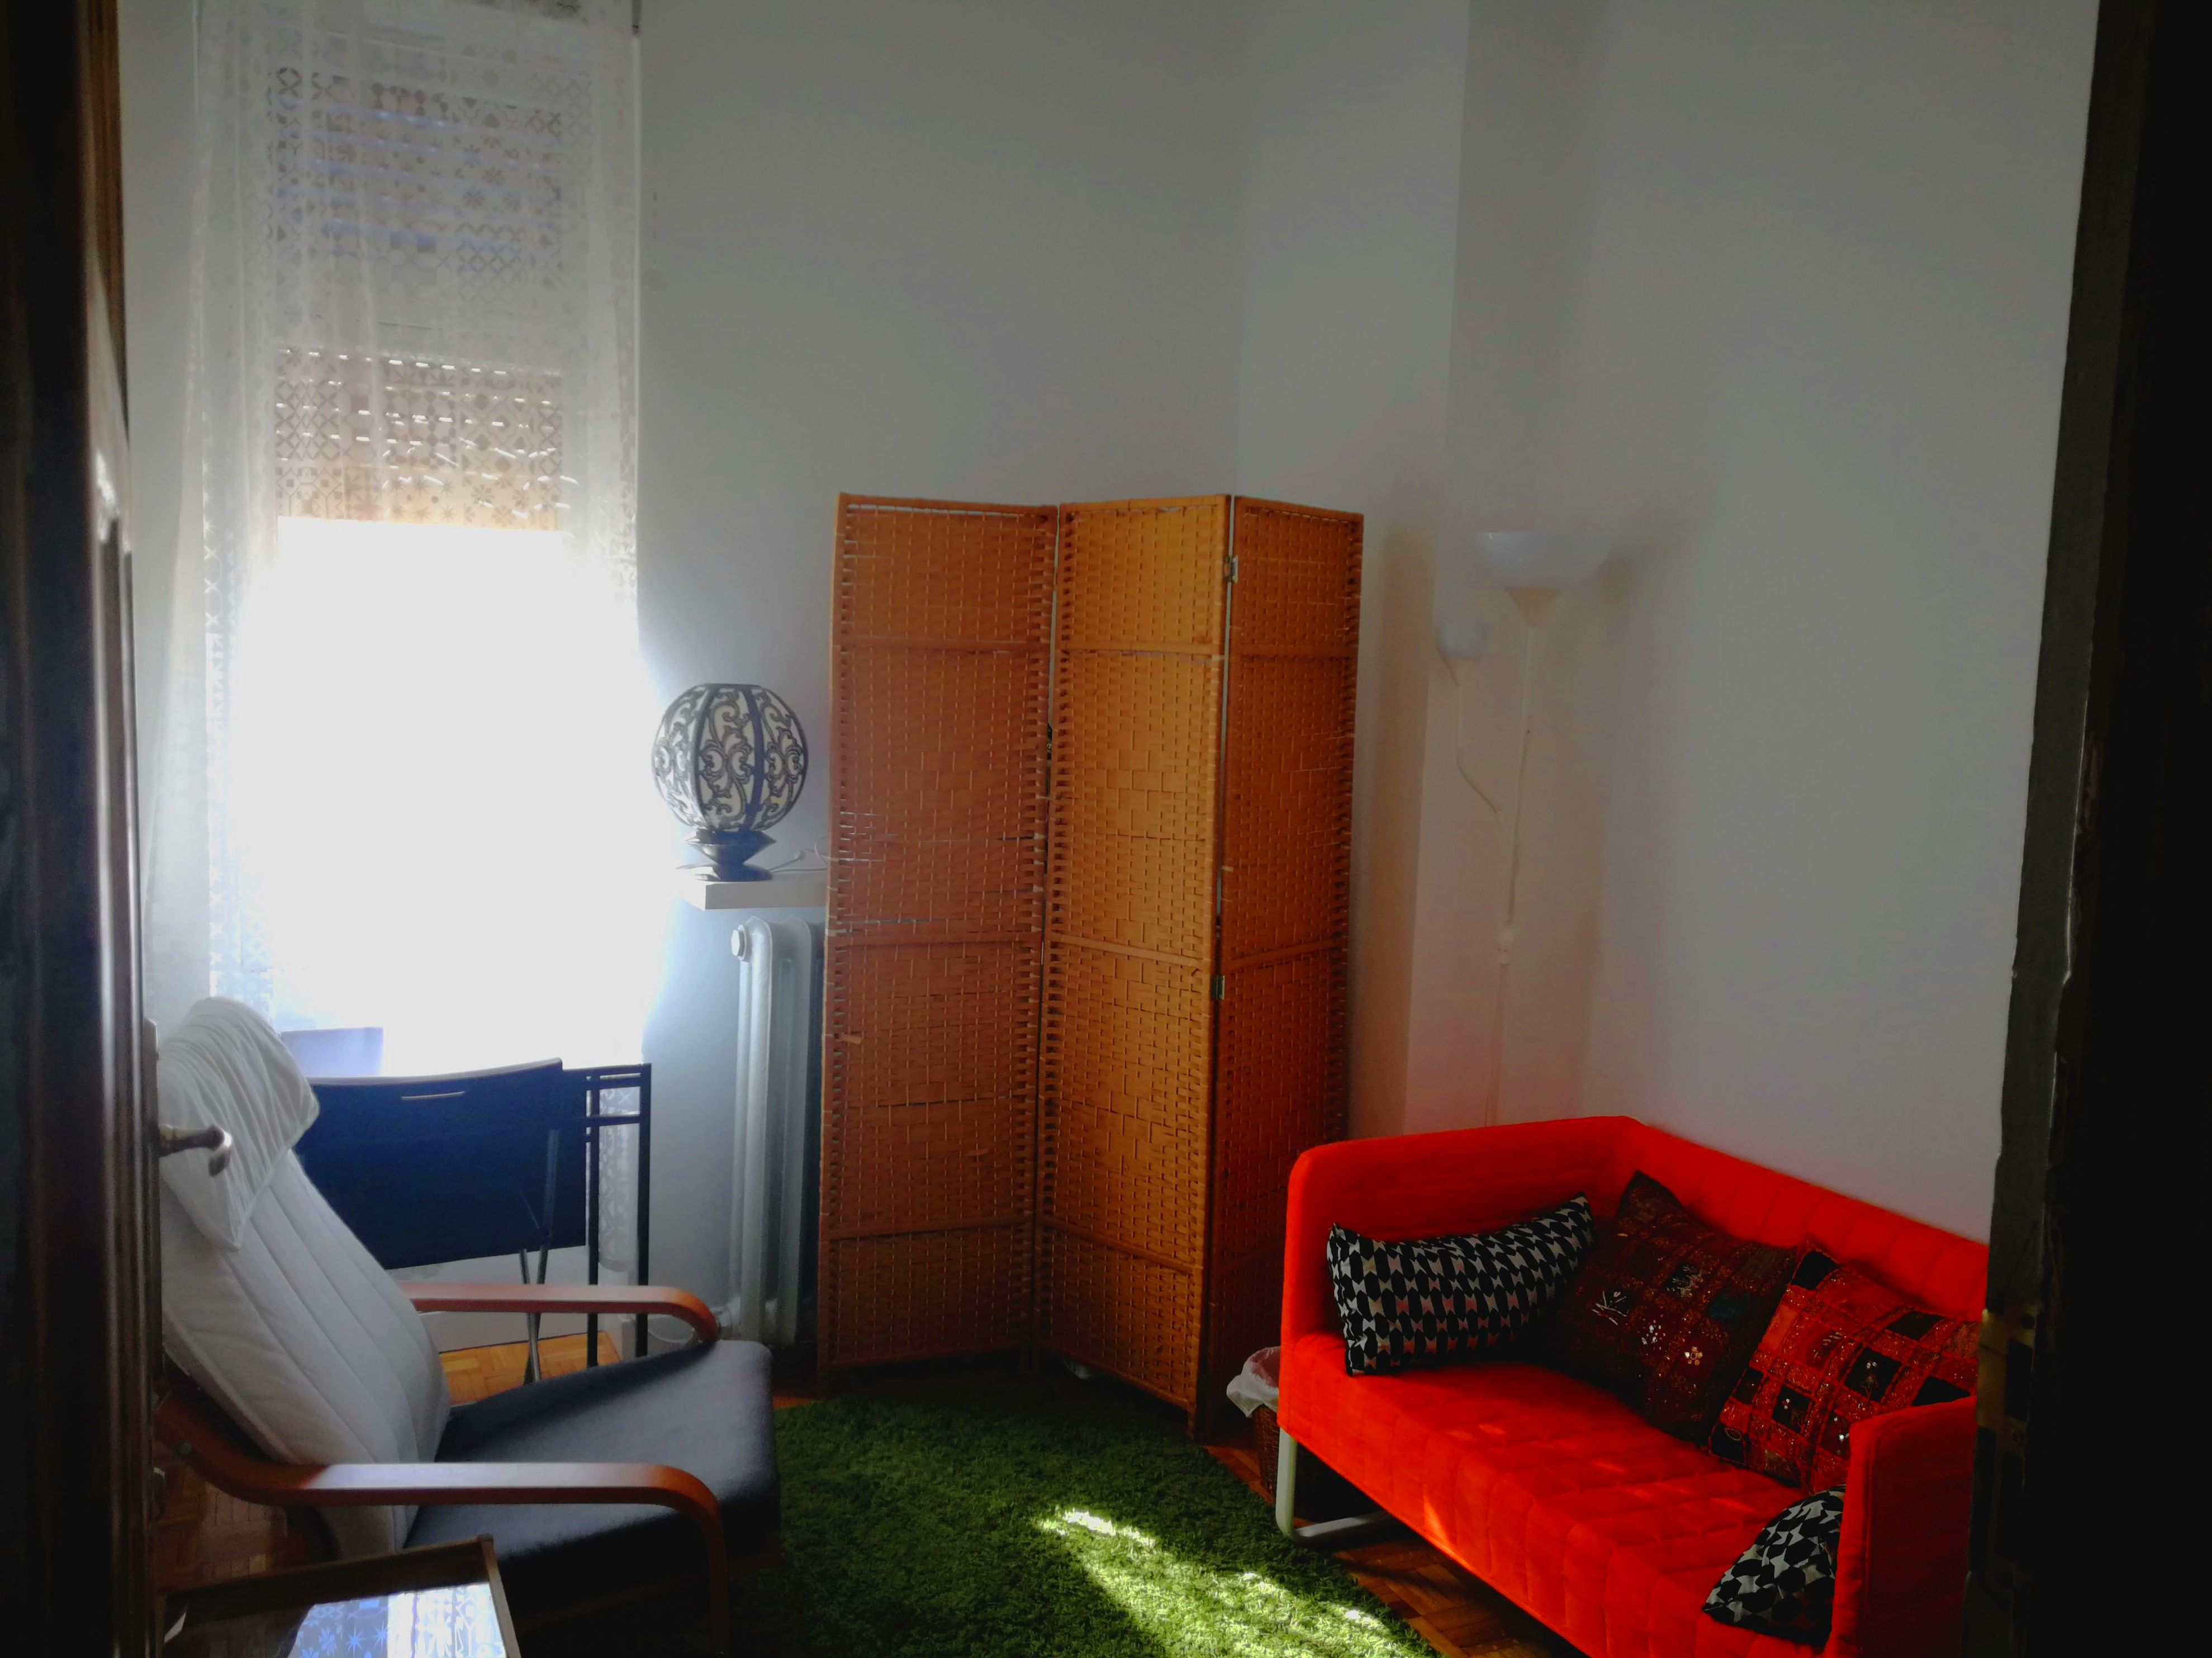 Foto 16 de Terapeuta en Madrid | Terapia Gestalt Integrativa